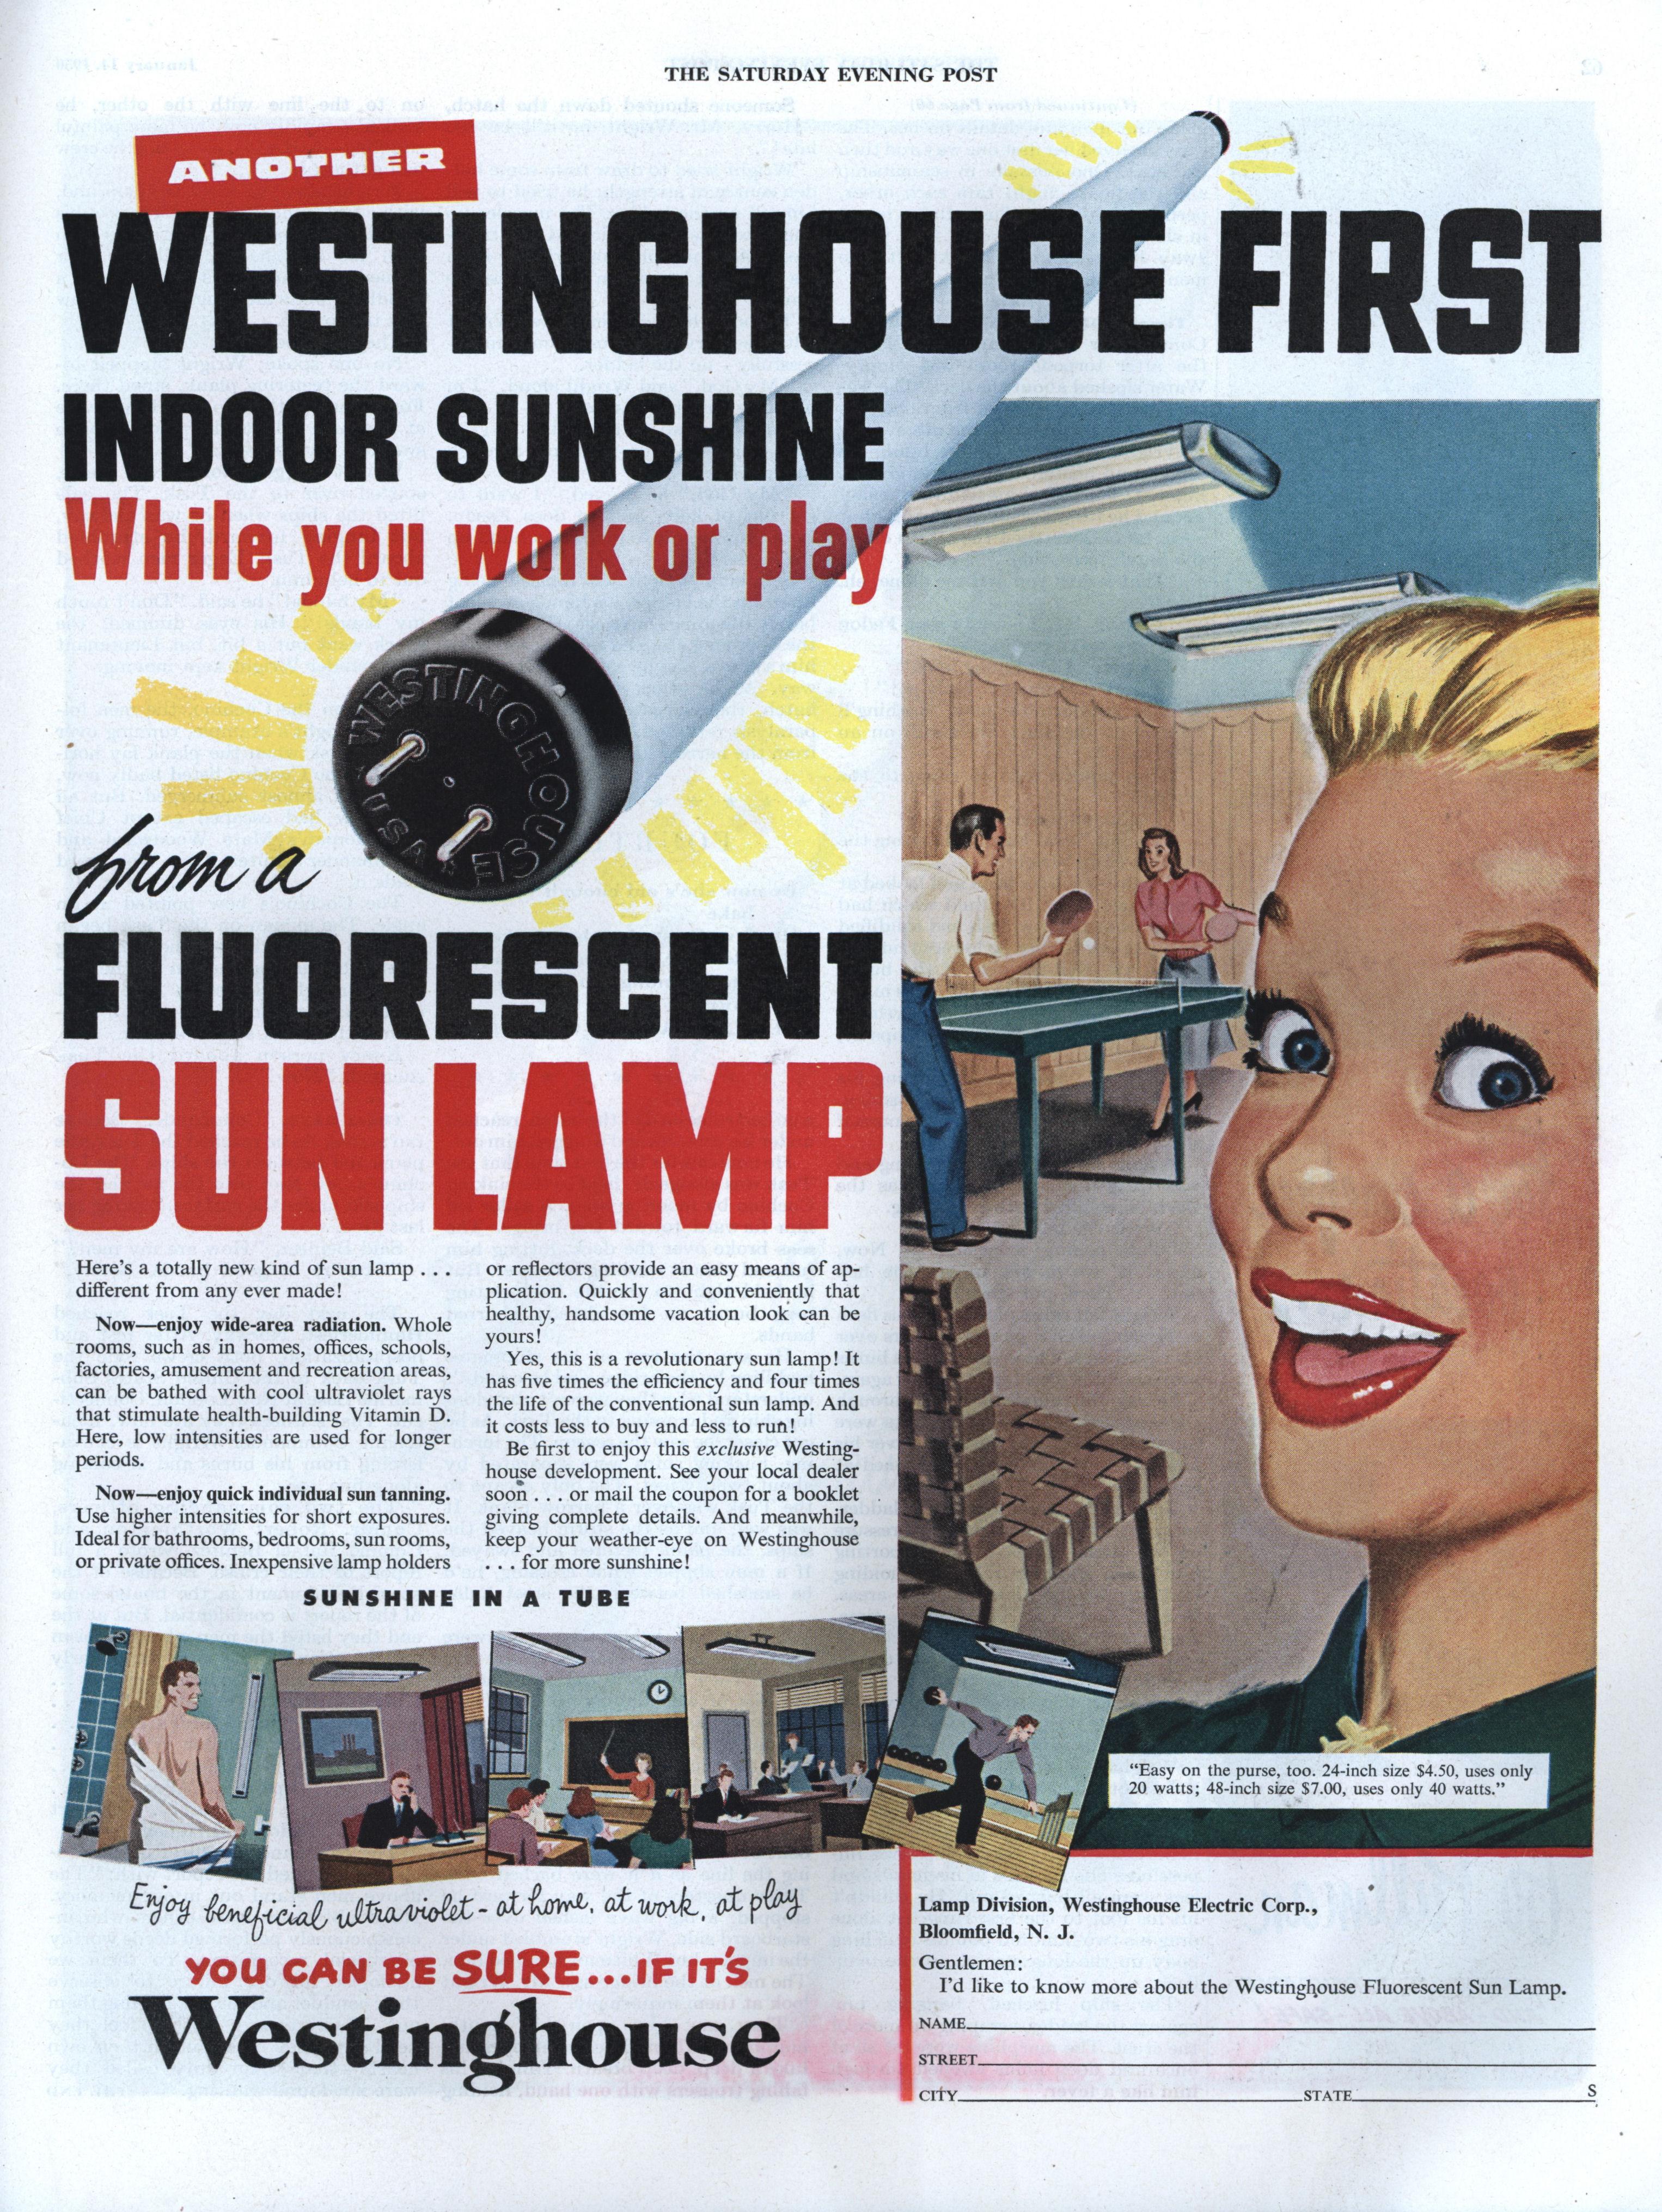 http://blog.modernmechanix.com/mags/SaturdayEveningPost/1-1950/flourescent_sun_lamps.jpg